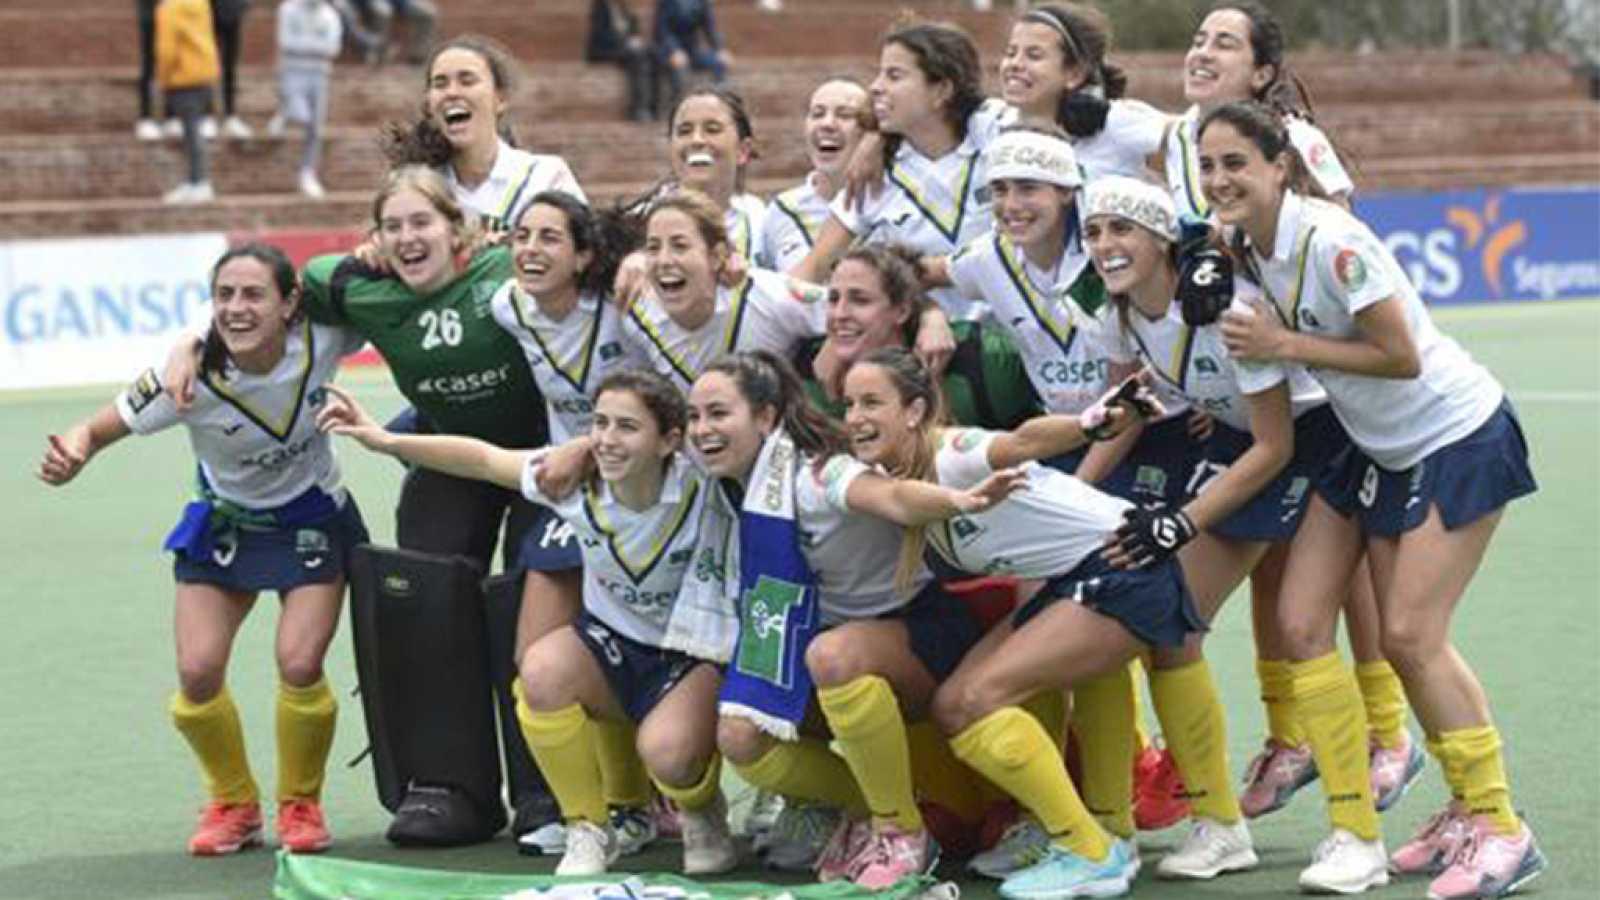 Tablero deportivo - Ellas siempre ganan: El CCVM gana la Liga de Hockey Hierba - Escuchar ahora